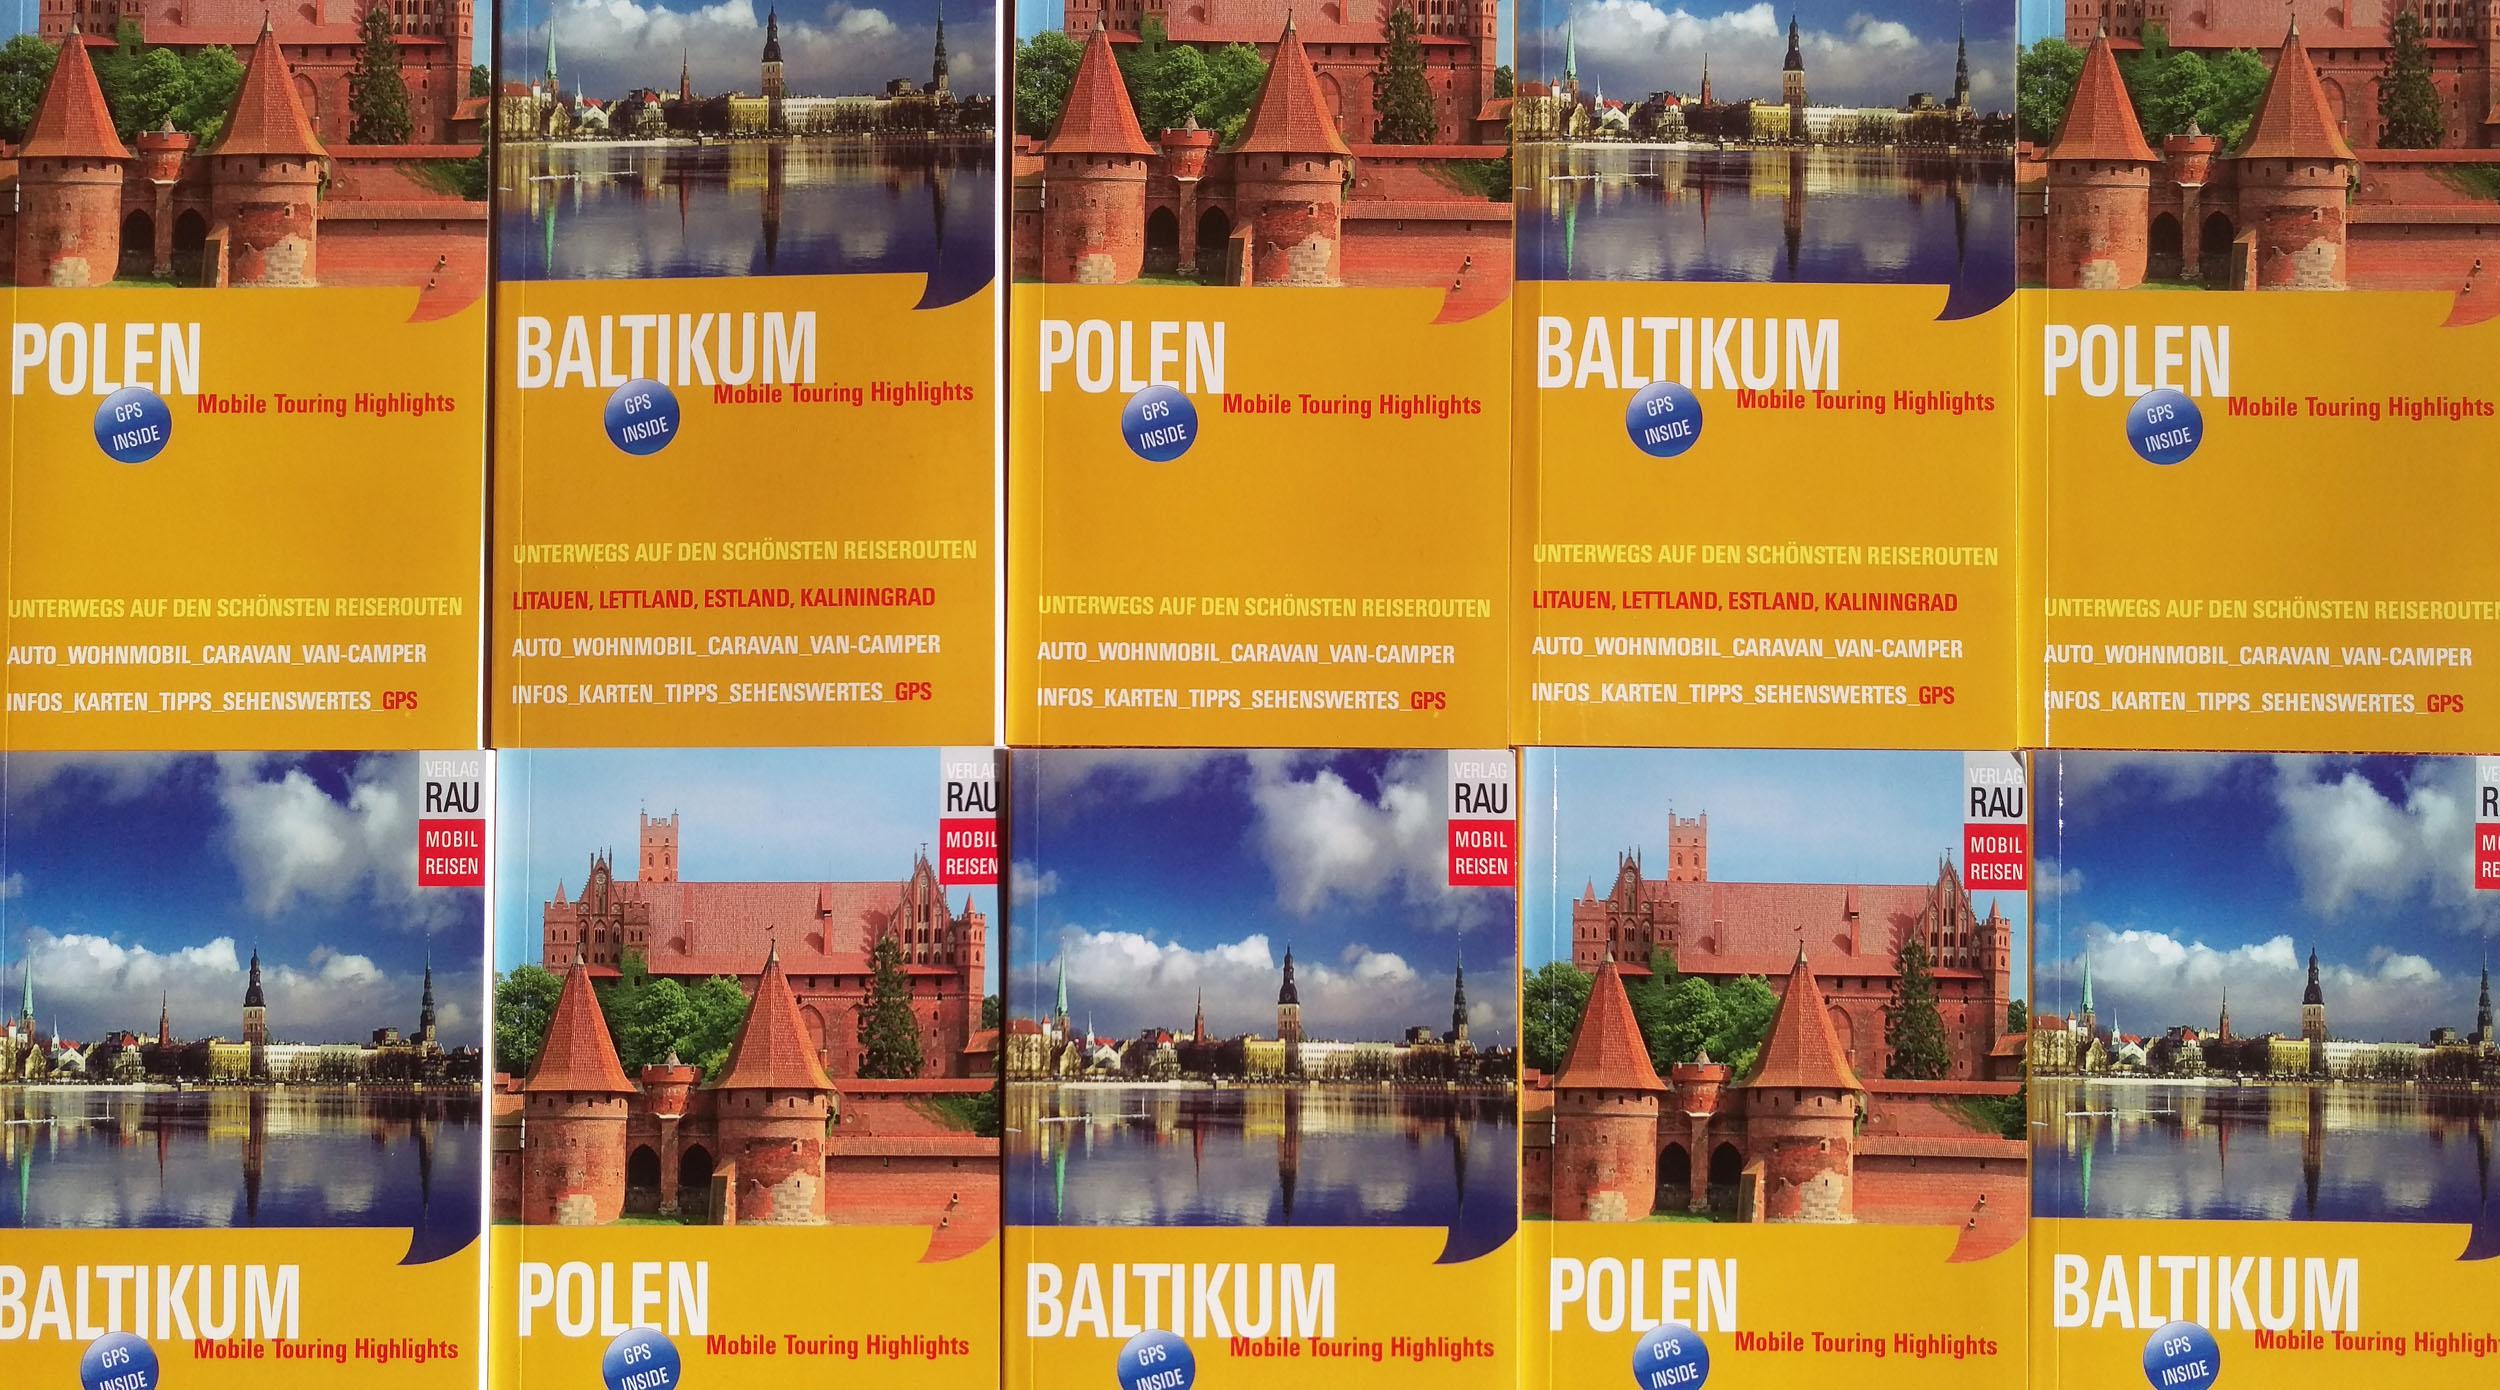 Polen und Baltikum